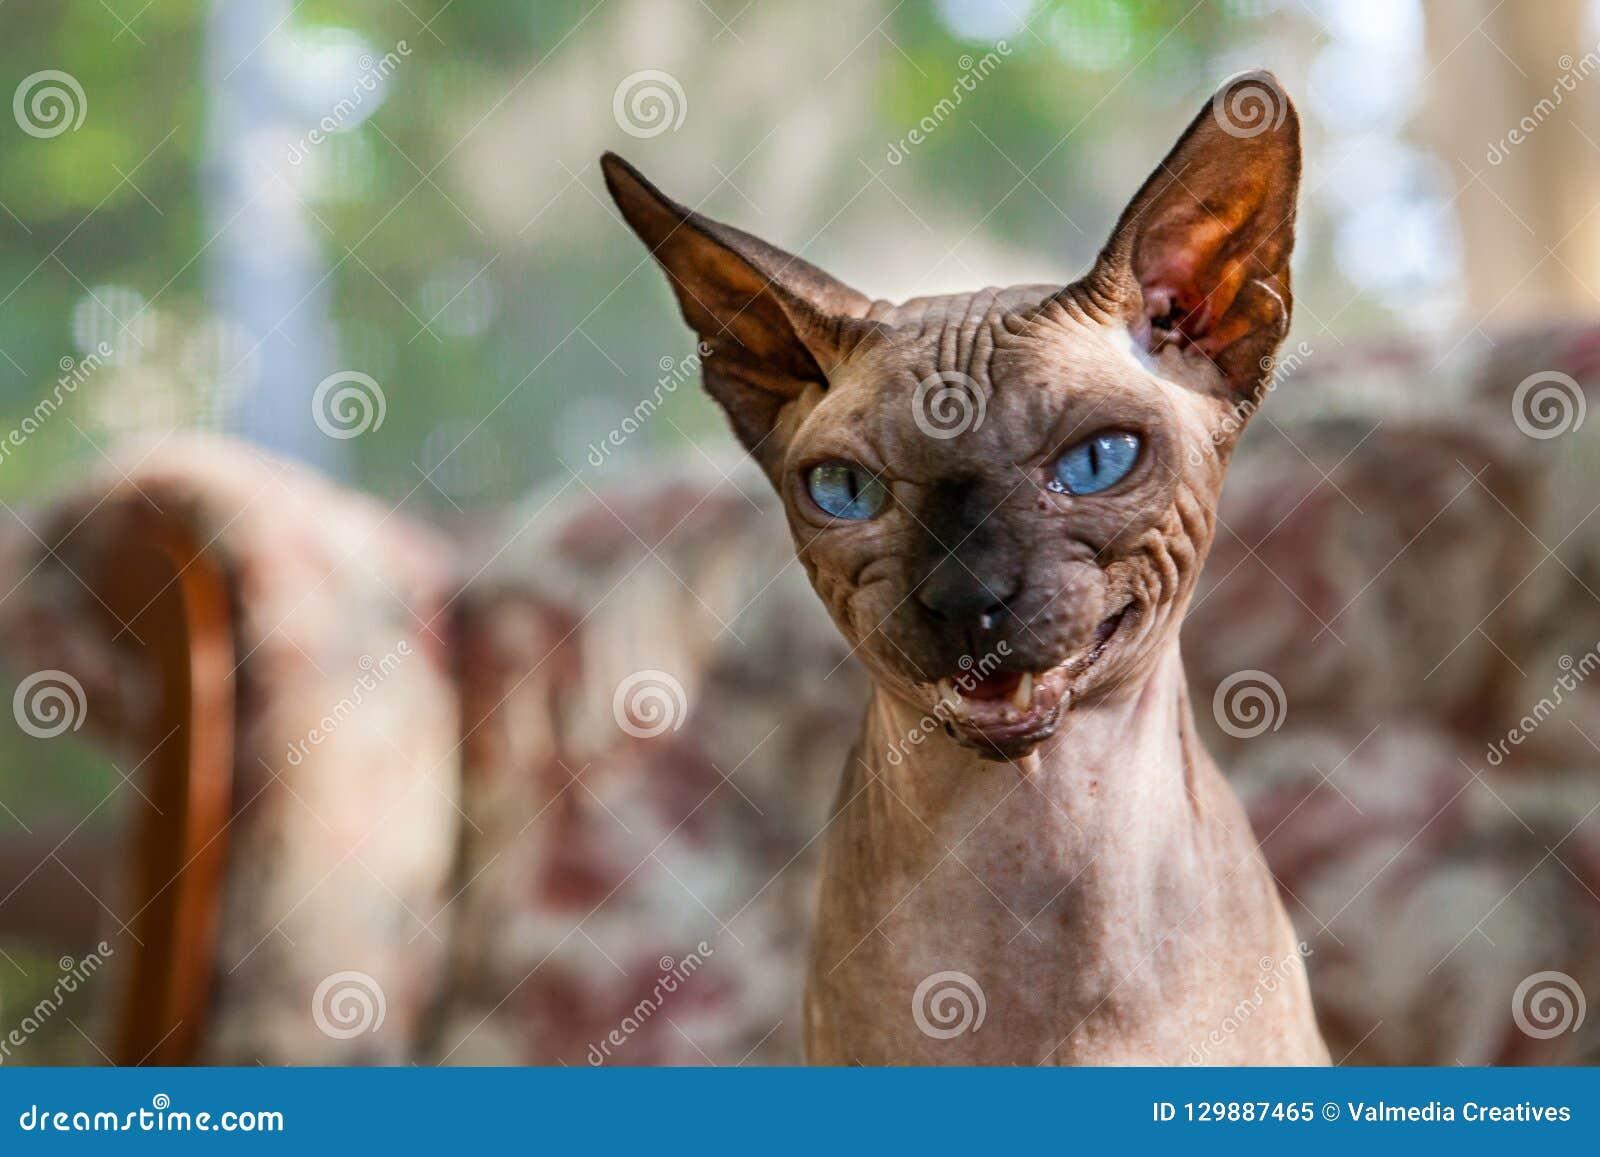 De Sphynxkat mauwt op een grappige manier